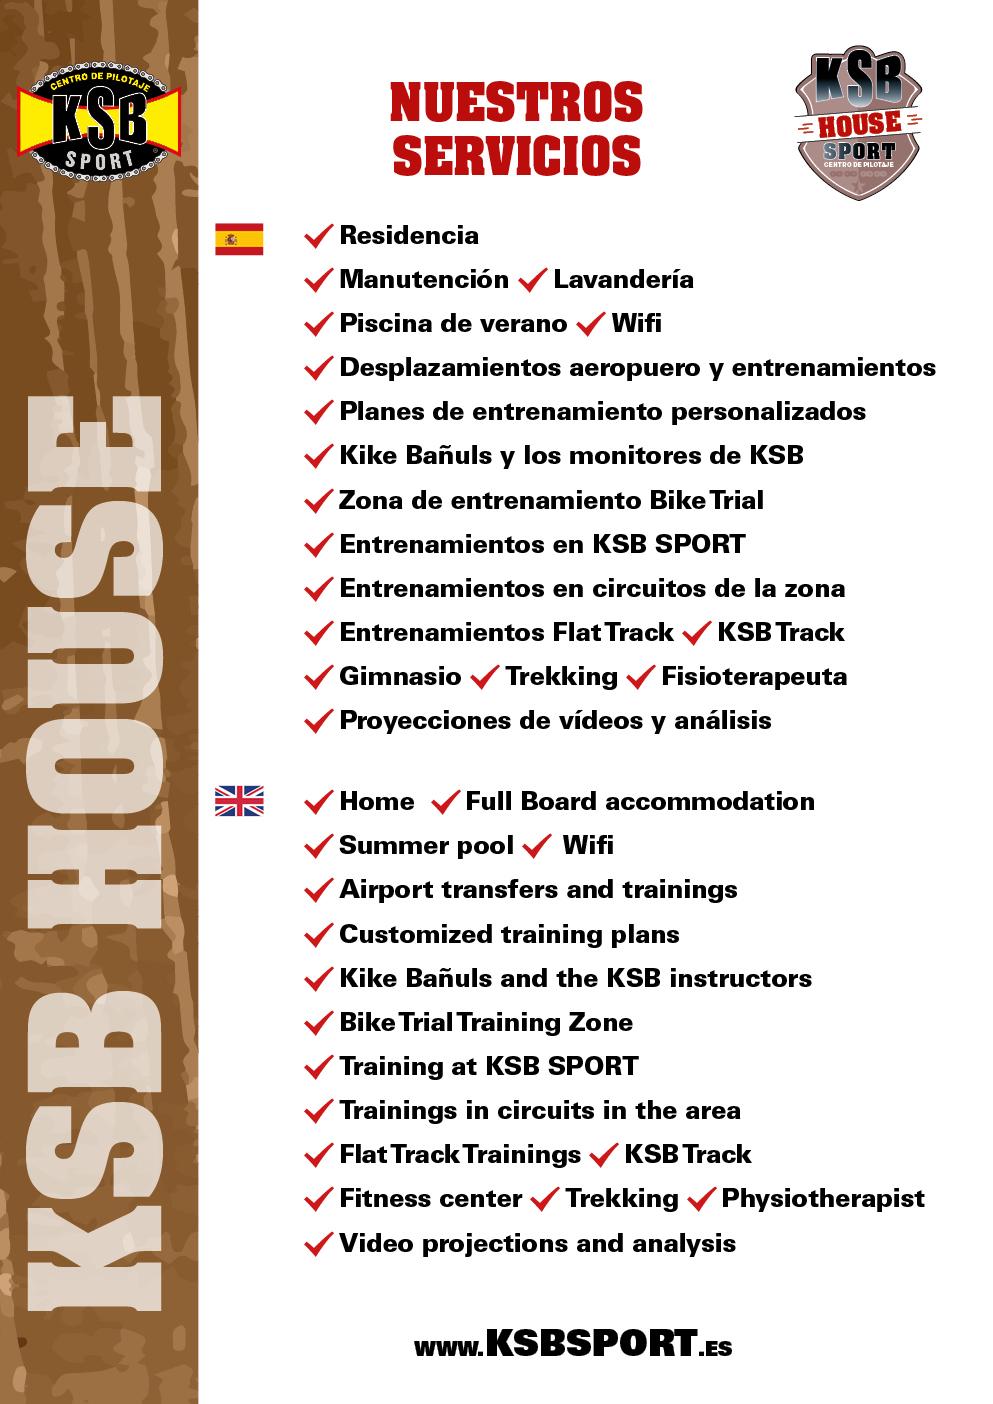 ksb_house_dossier3